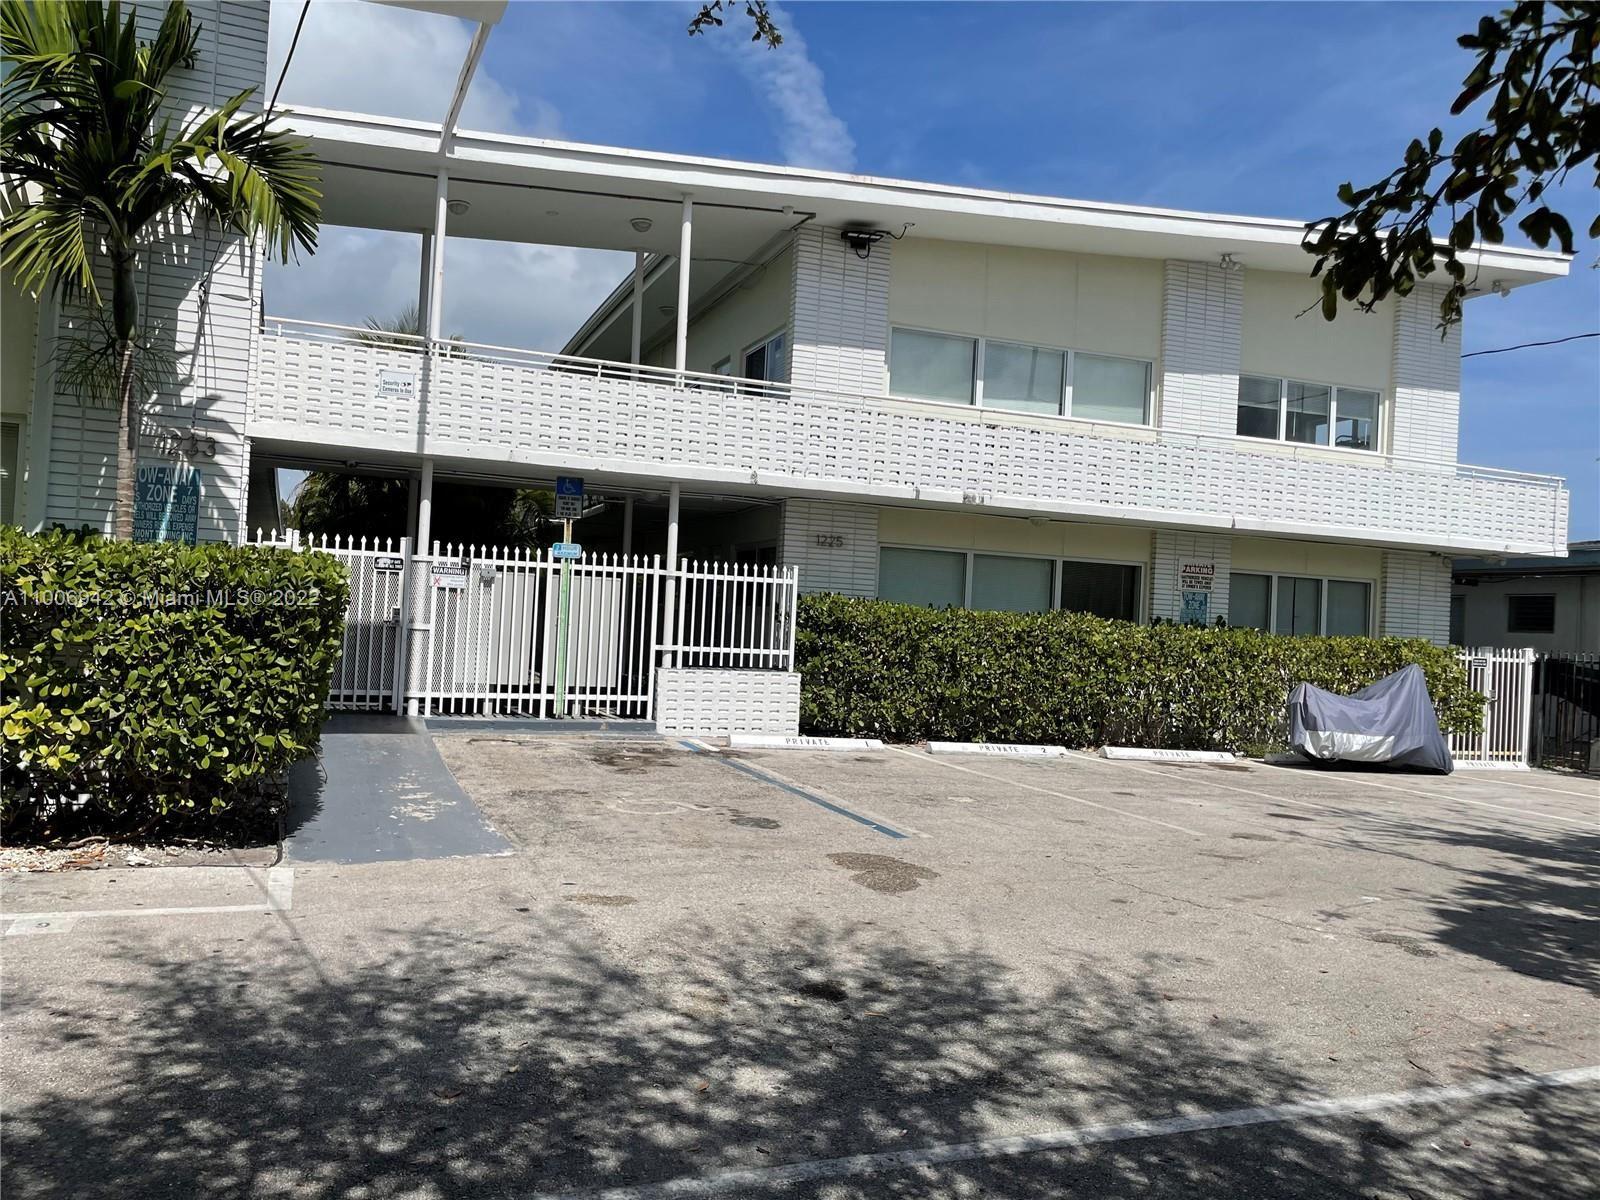 1225 Marseille Dr #24, Miami Beach, FL 33141 - #: A11006942